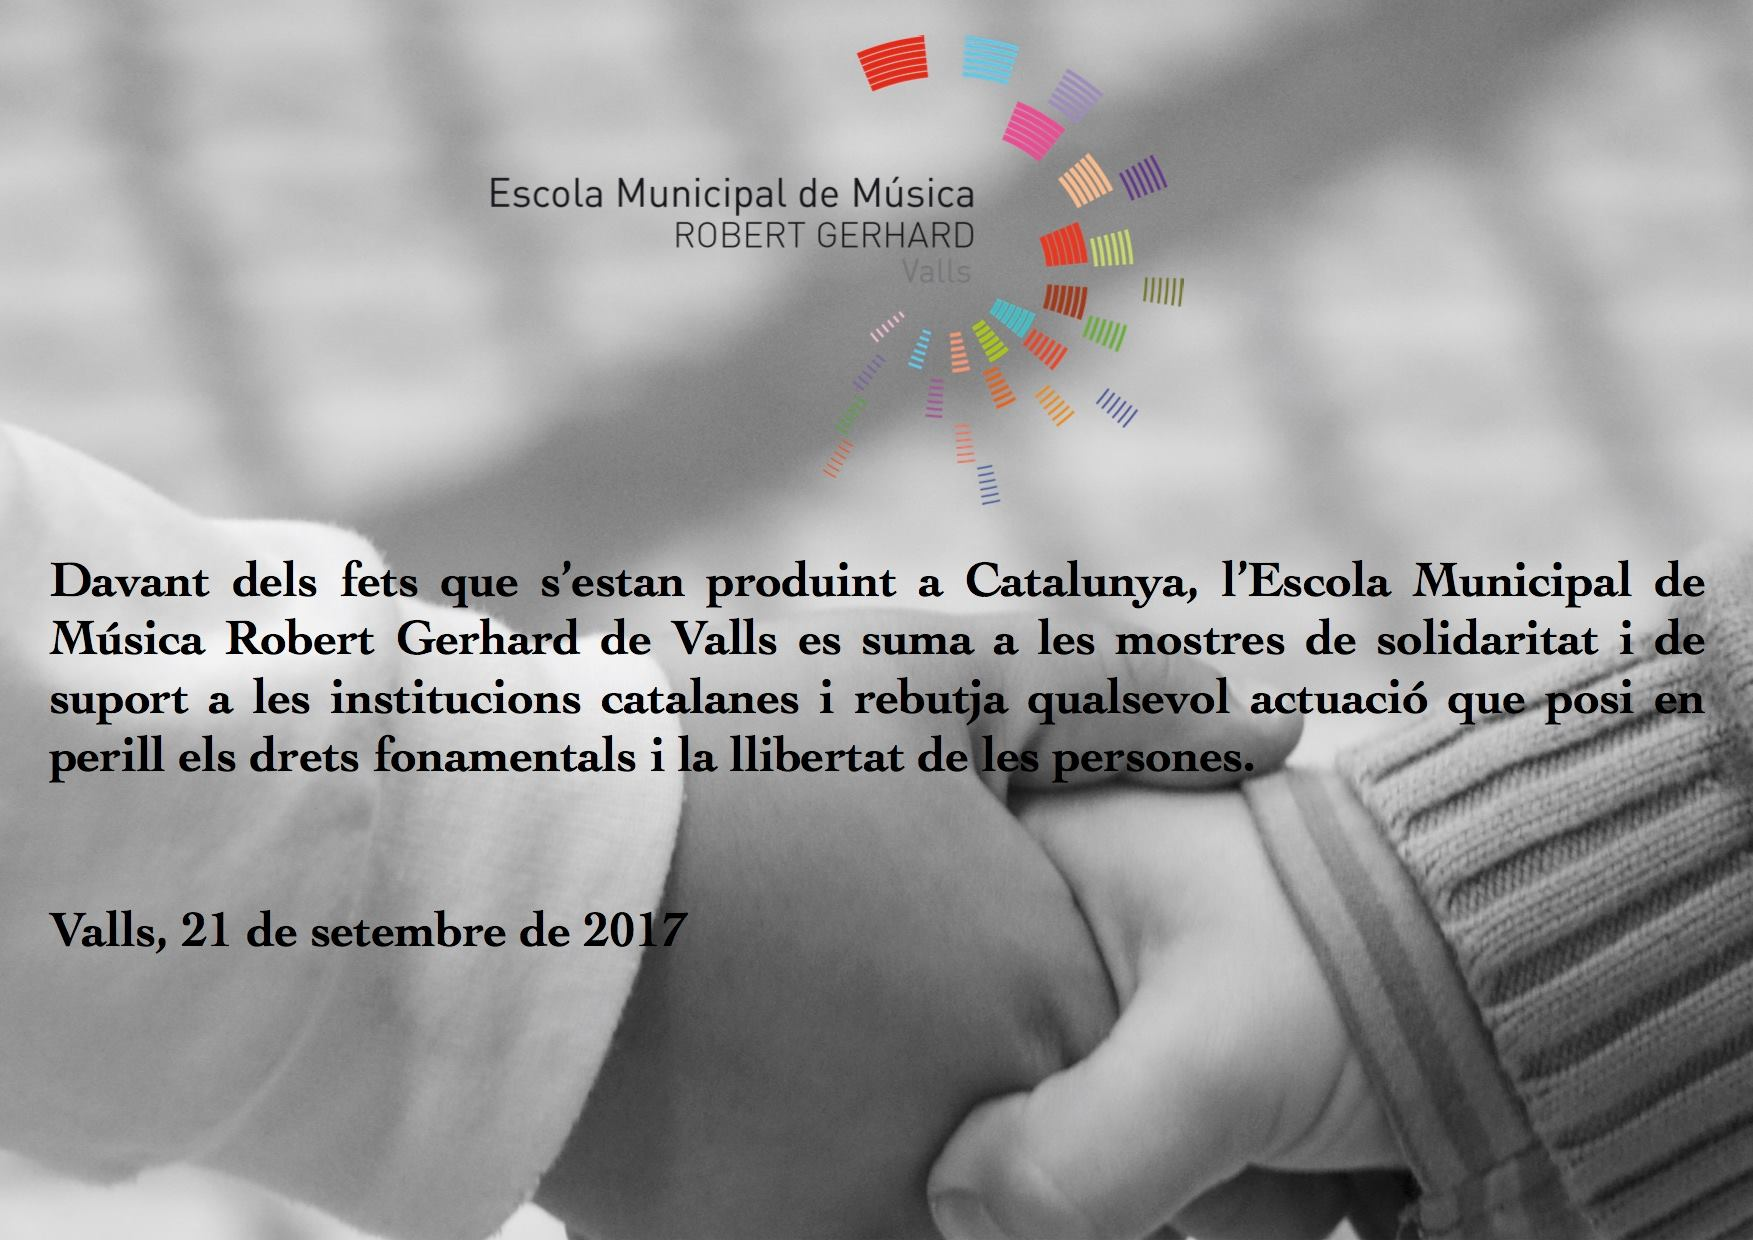 c79ba2a539da L'ESCOLA AMB LES INSTITUCIONS CATALANES - Escola de música Valls ...